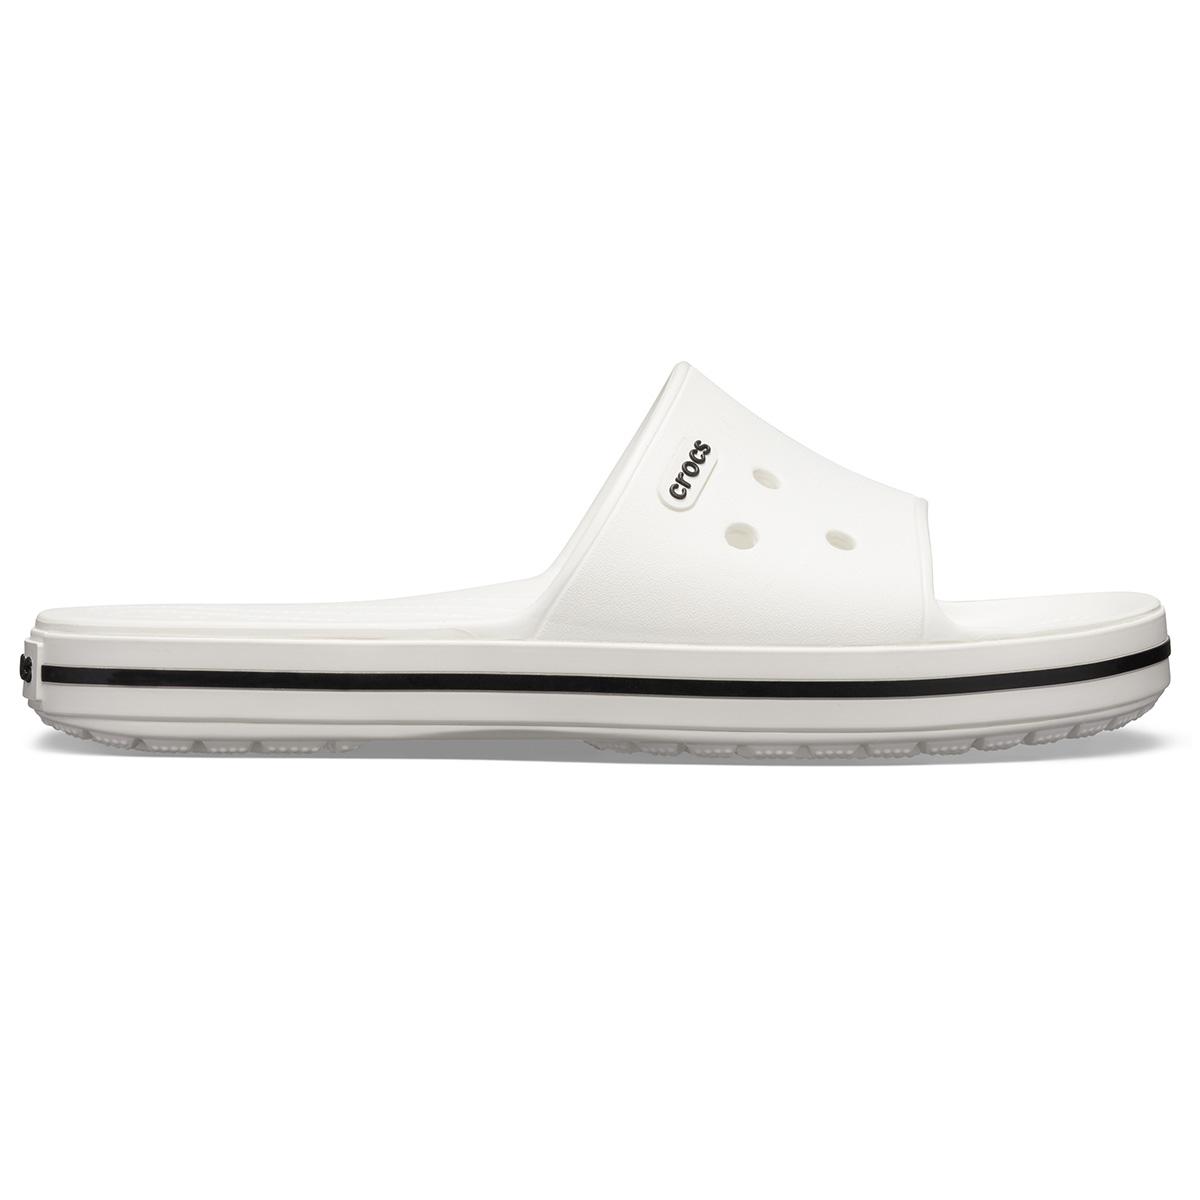 Crocs Crocband III Slide - Beyaz/Siyah